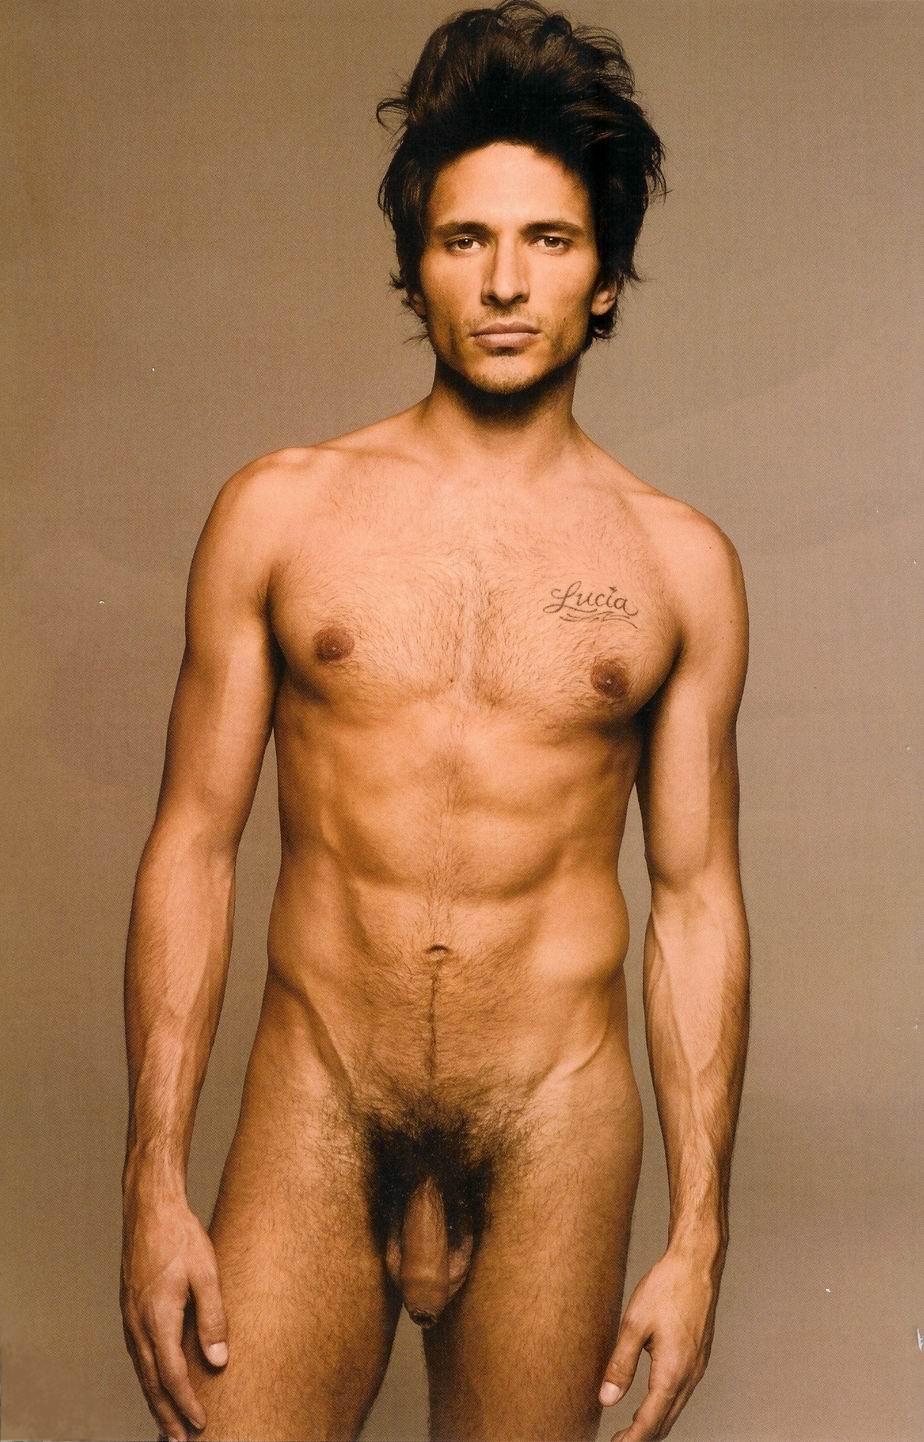 Фото голых парней мужчин знаменитостей